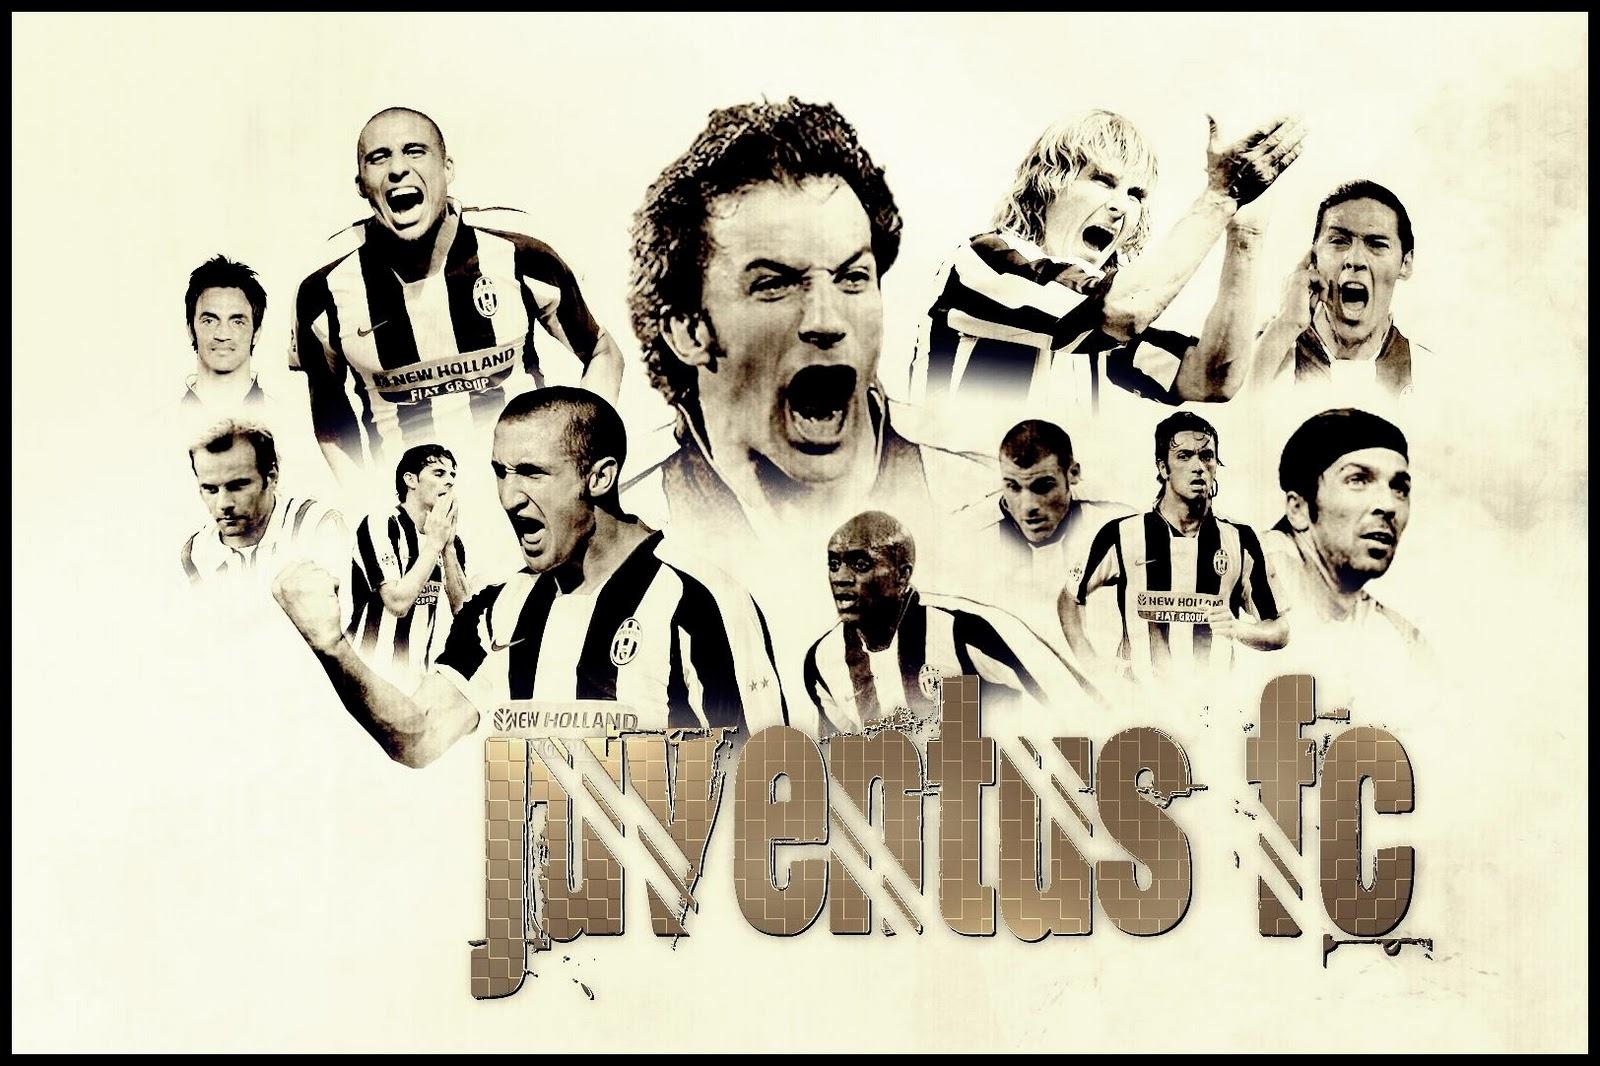 http://2.bp.blogspot.com/-sRWYCLhSEIs/Tx7qes_LrbI/AAAAAAAACBo/O5H71MnjtlI/s1600/Juventus-Best-Playersquad-2012-2013.jpg